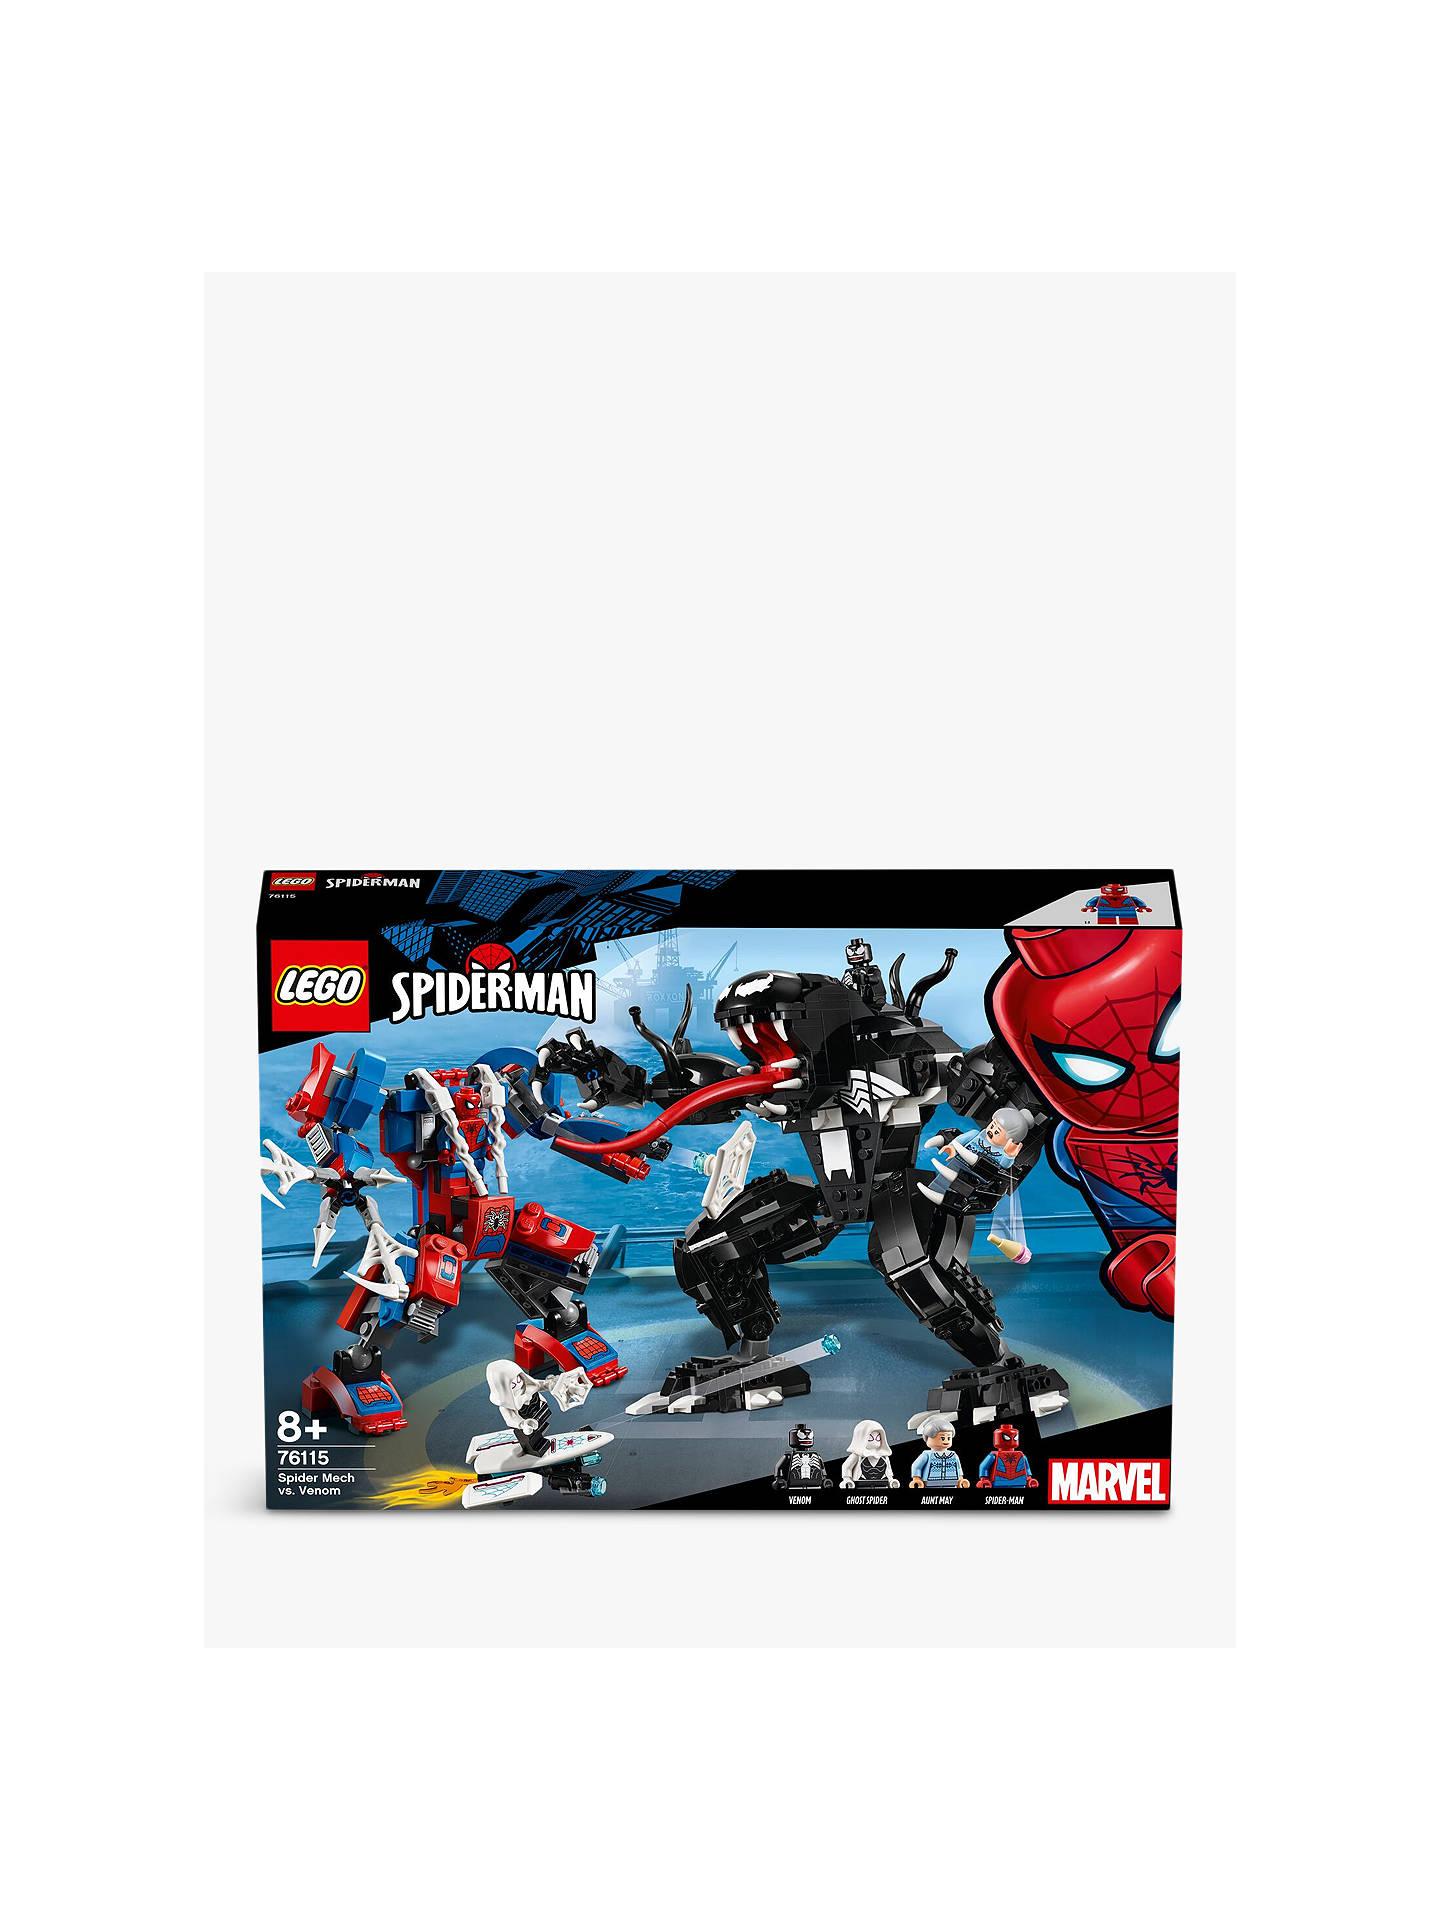 61f820ec9628c7 Buy LEGO Marvel Super Heroes 76115 Spider Mech Vs. Venom Online at  johnlewis.com ...